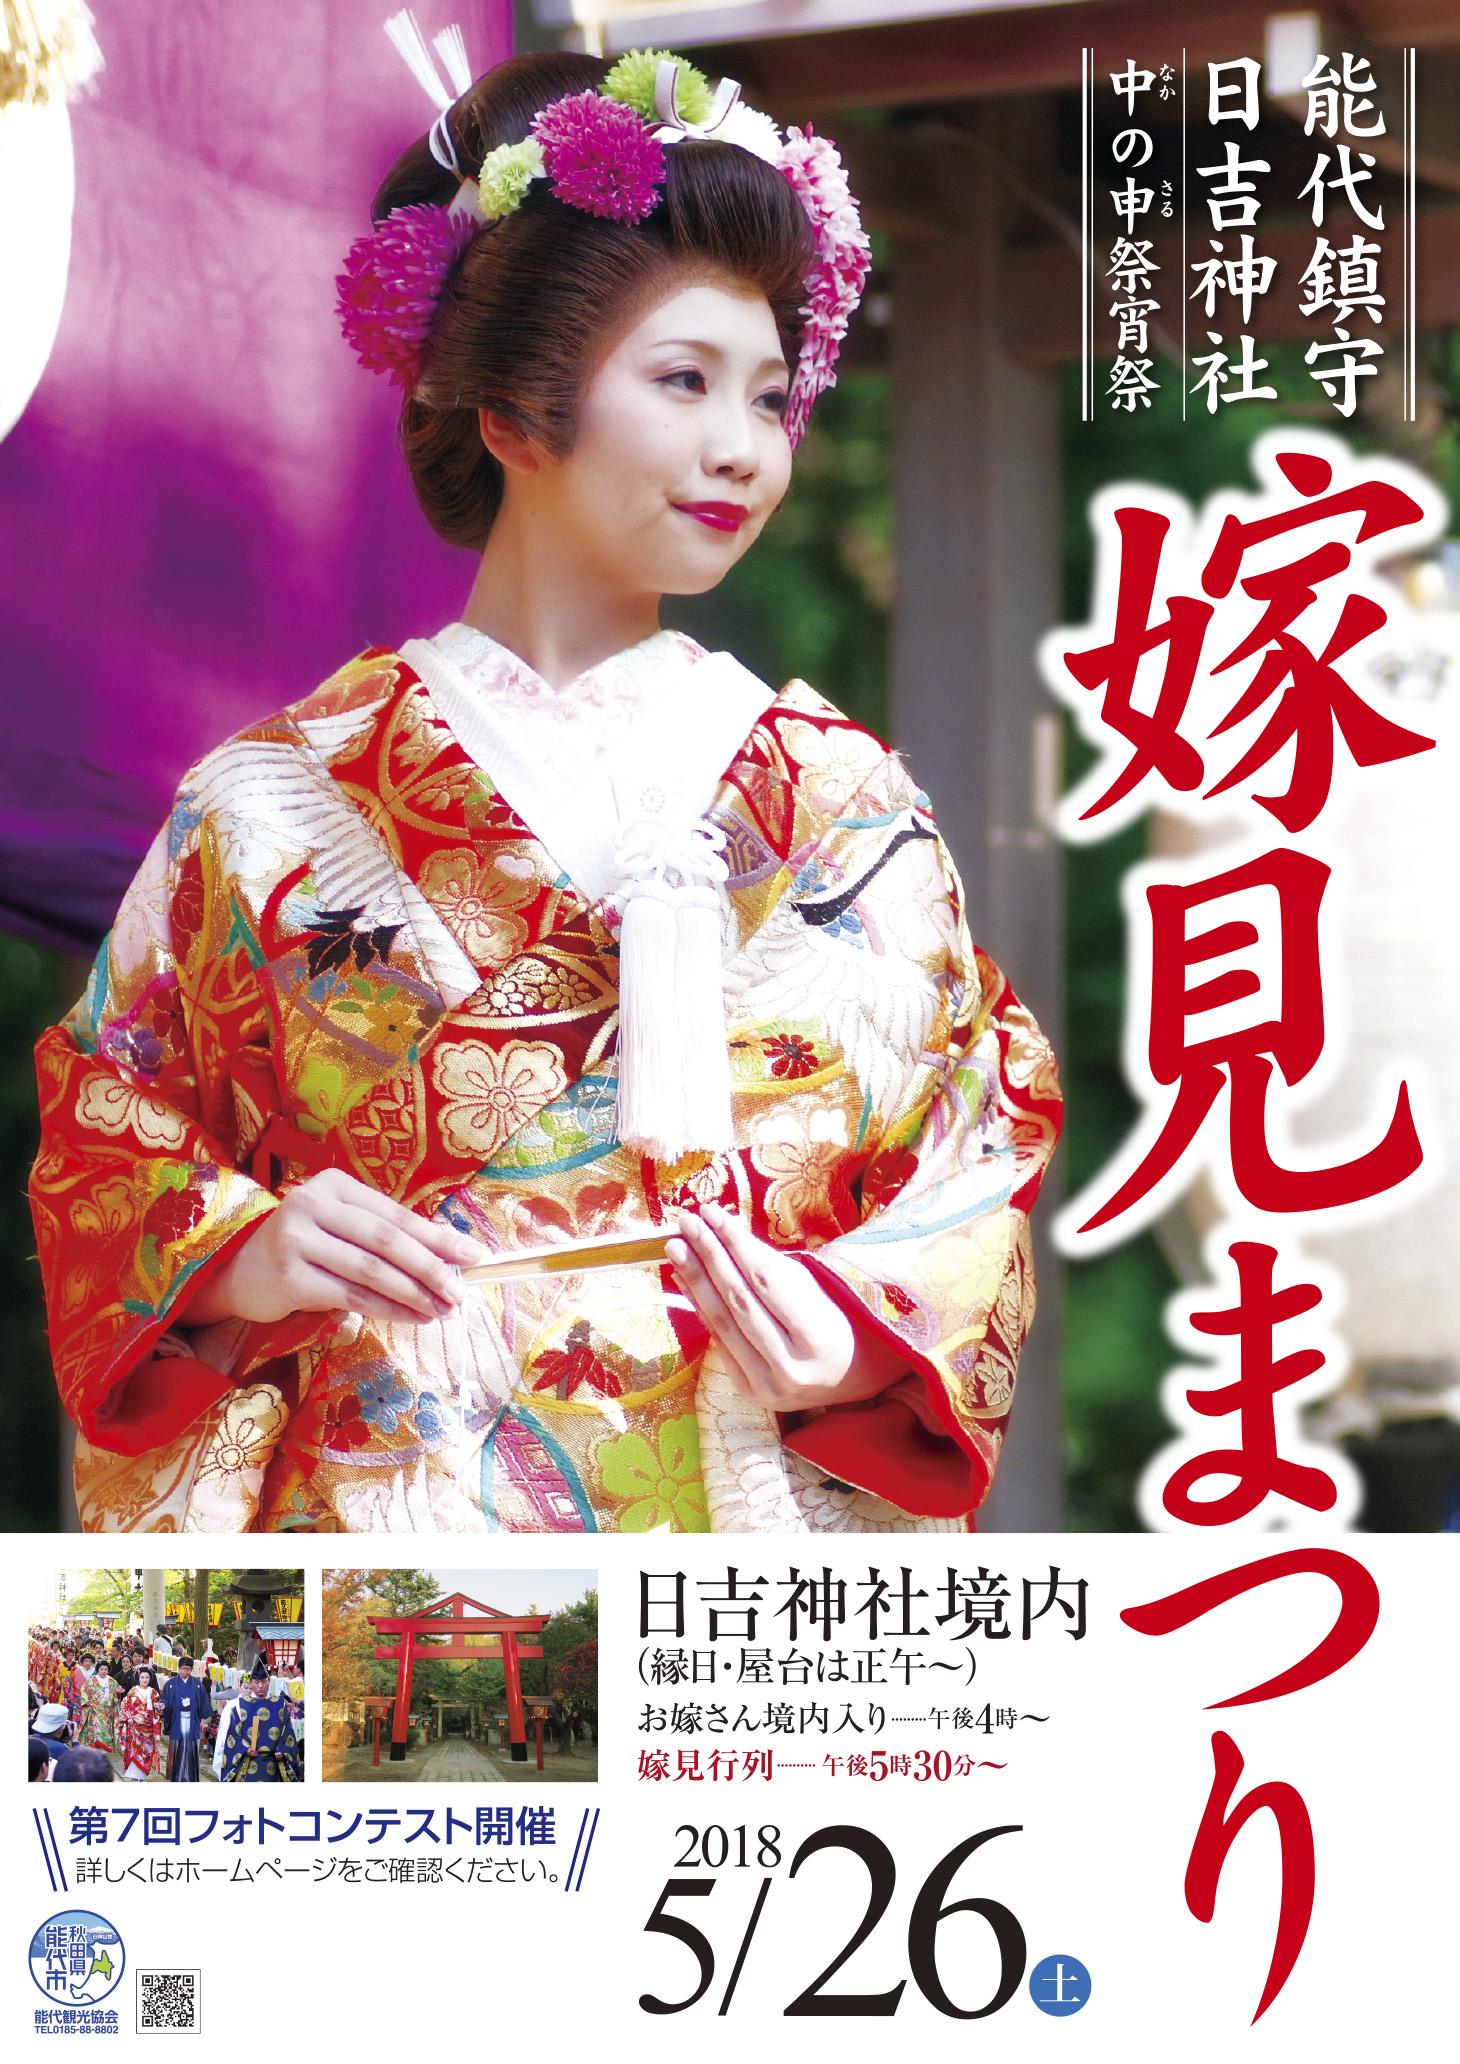 日吉神社中の申祭宵祭 嫁見まつり